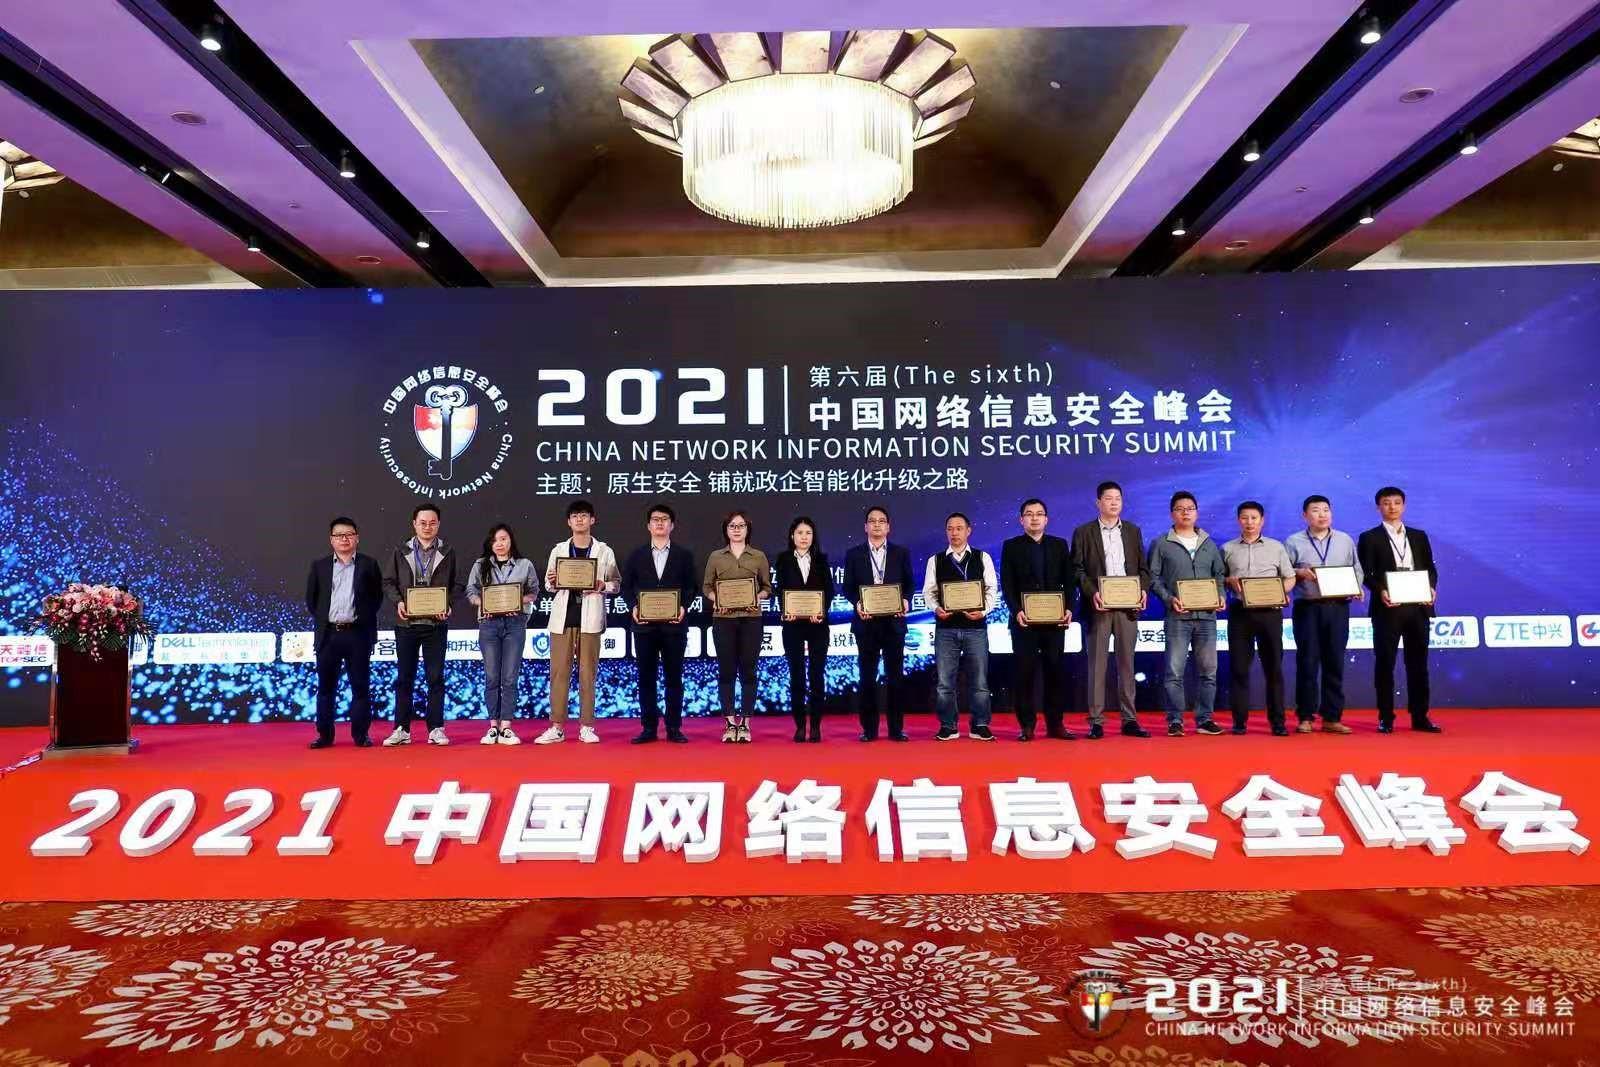 安速顺科技亮相中国网络信息安全峰会,倾力展现信息安全整体解决方案